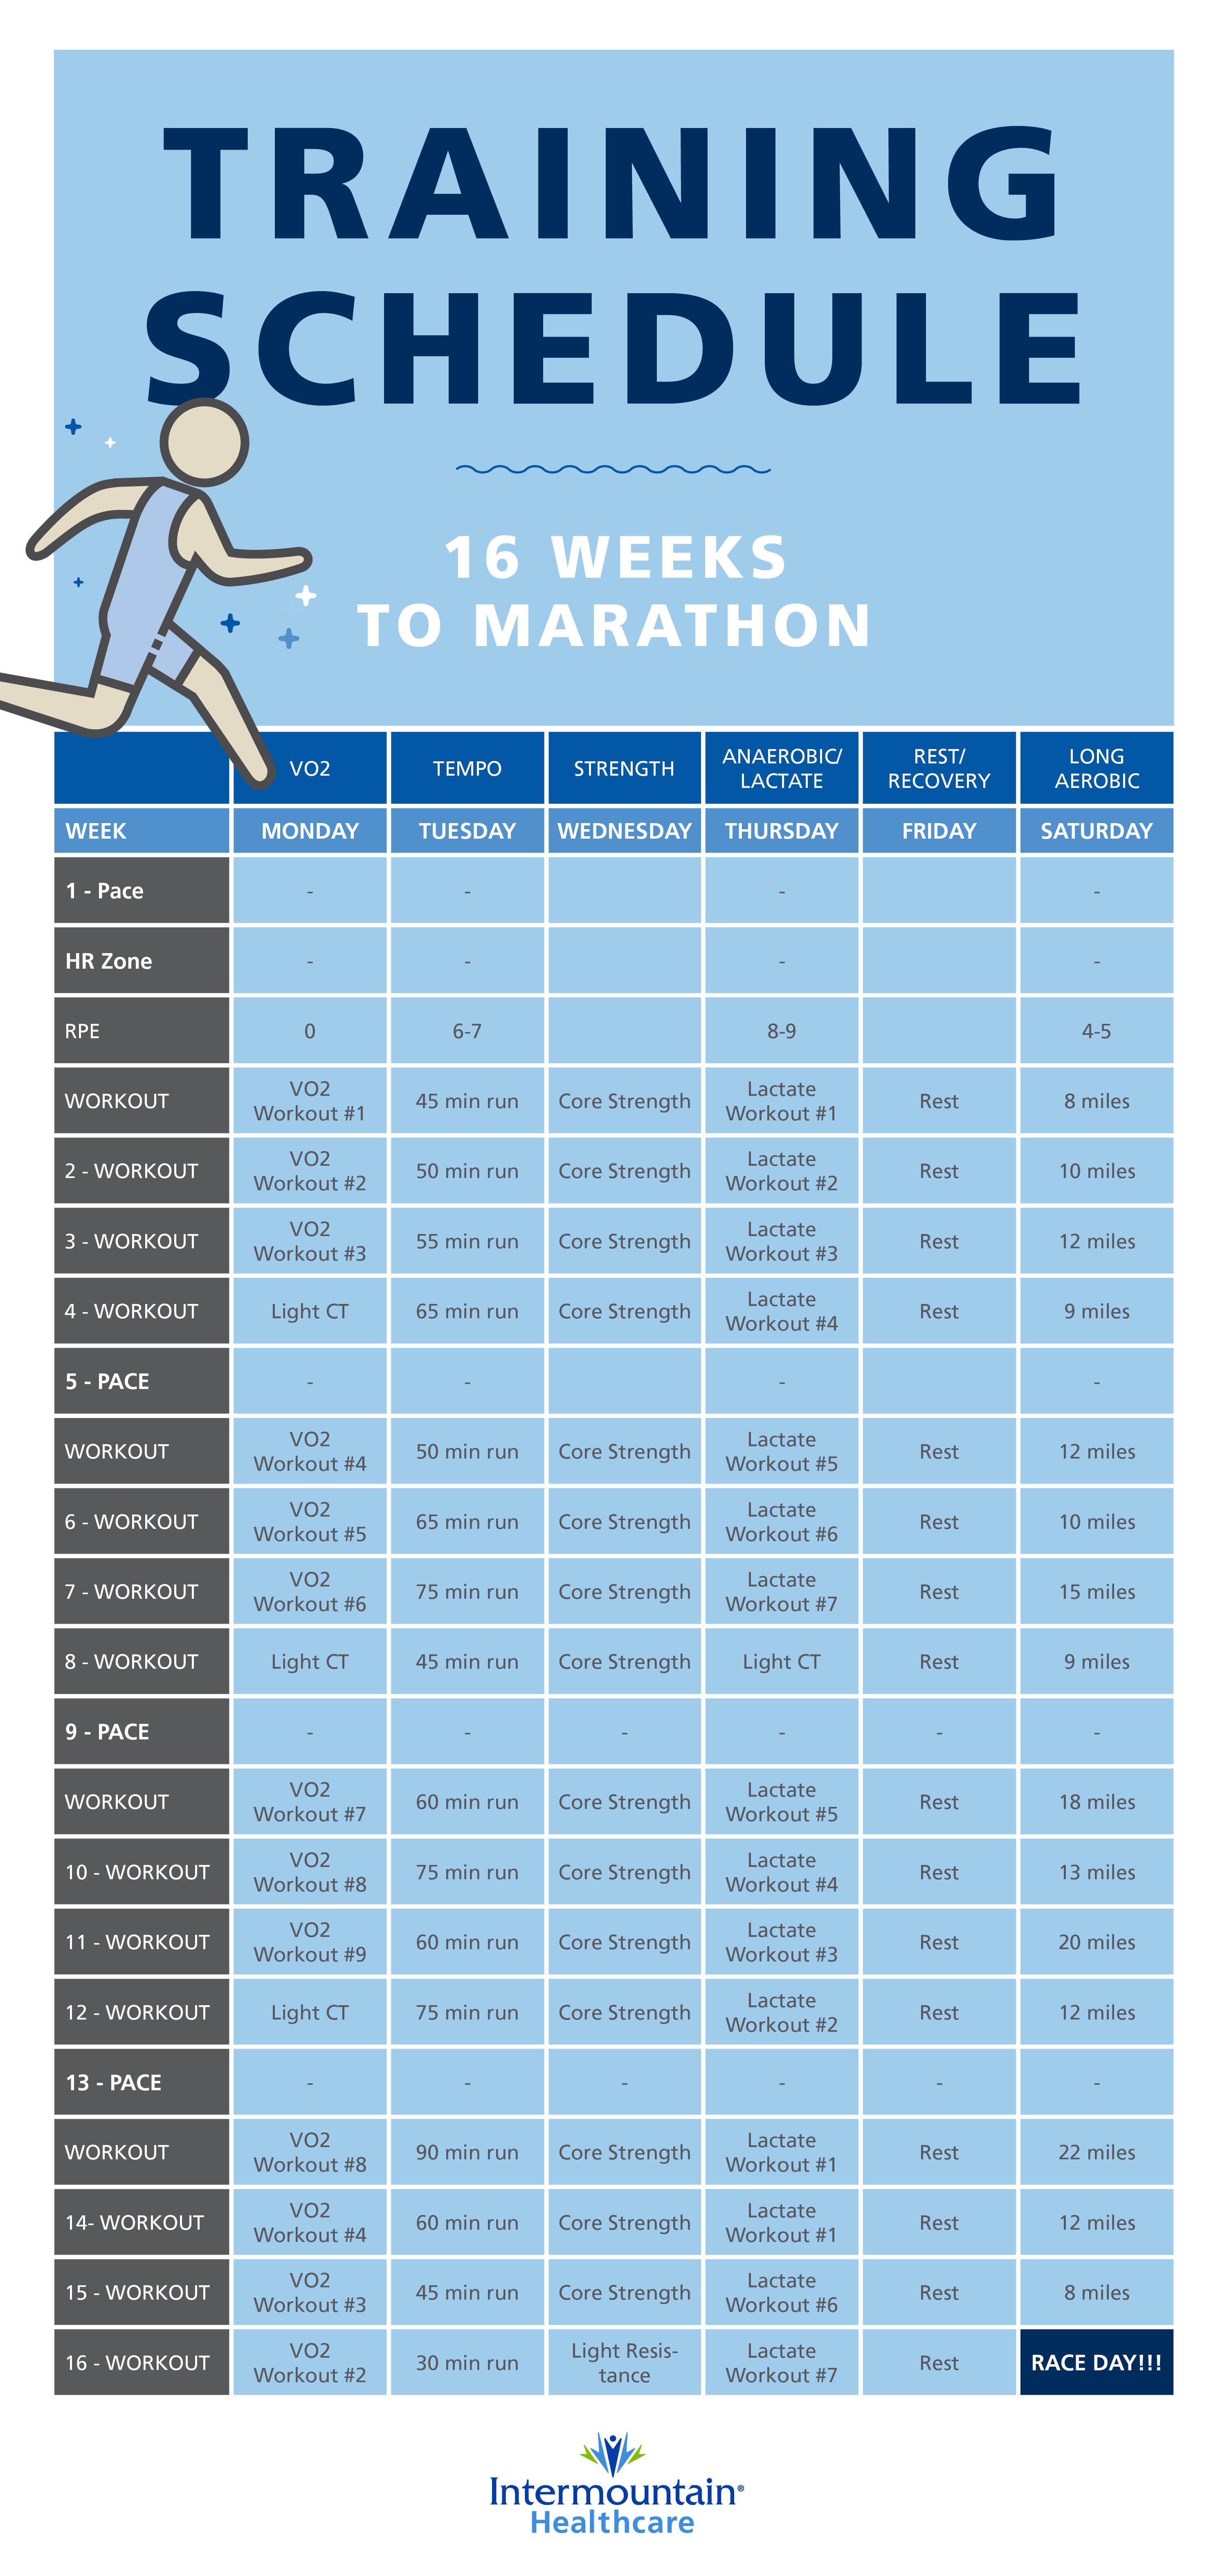 Your 16 Week Marathon Training Schedule